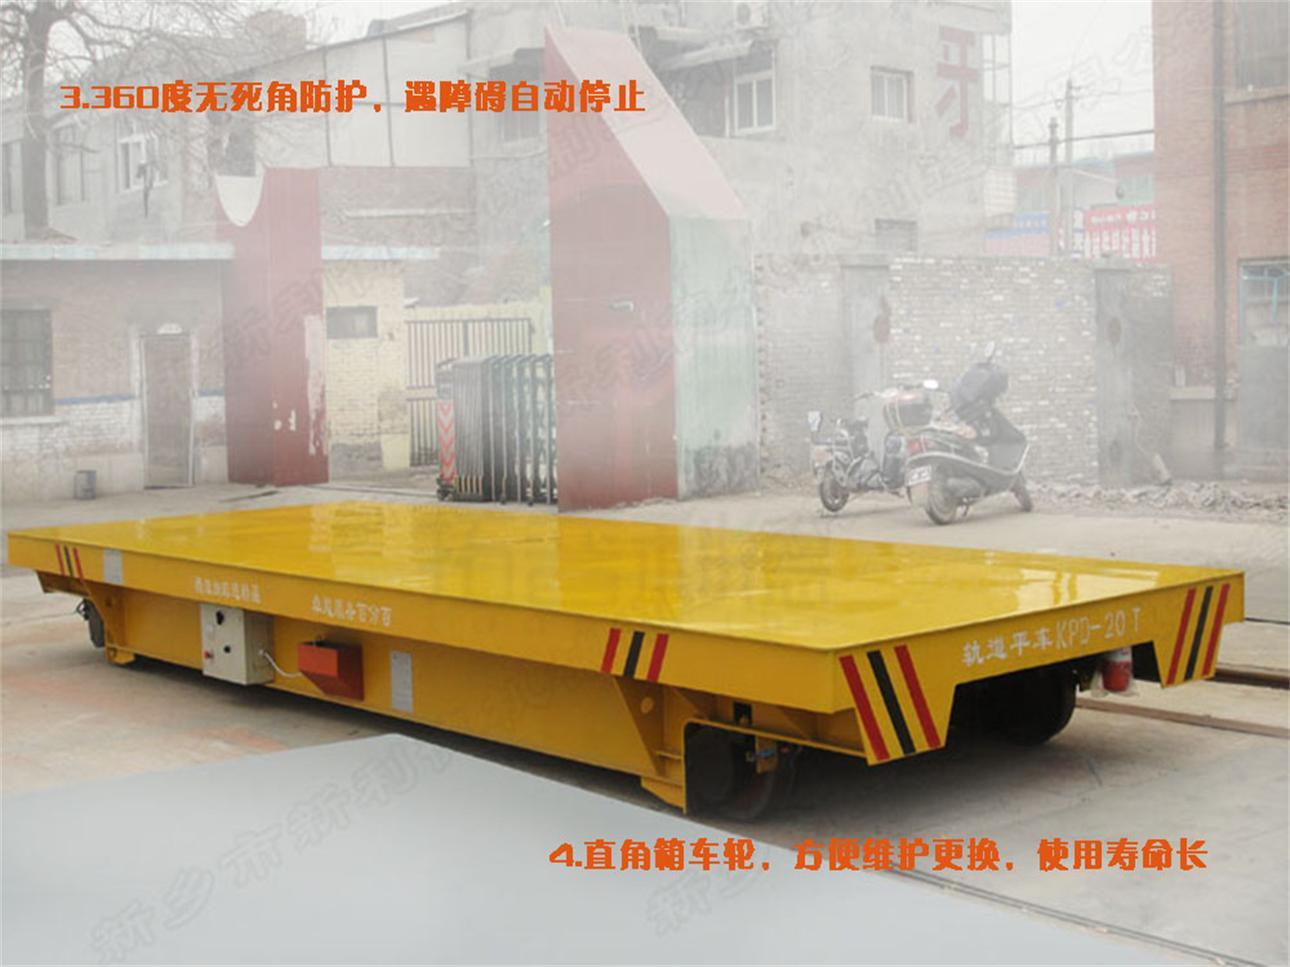 新利德造低压轨道转运车运输板材